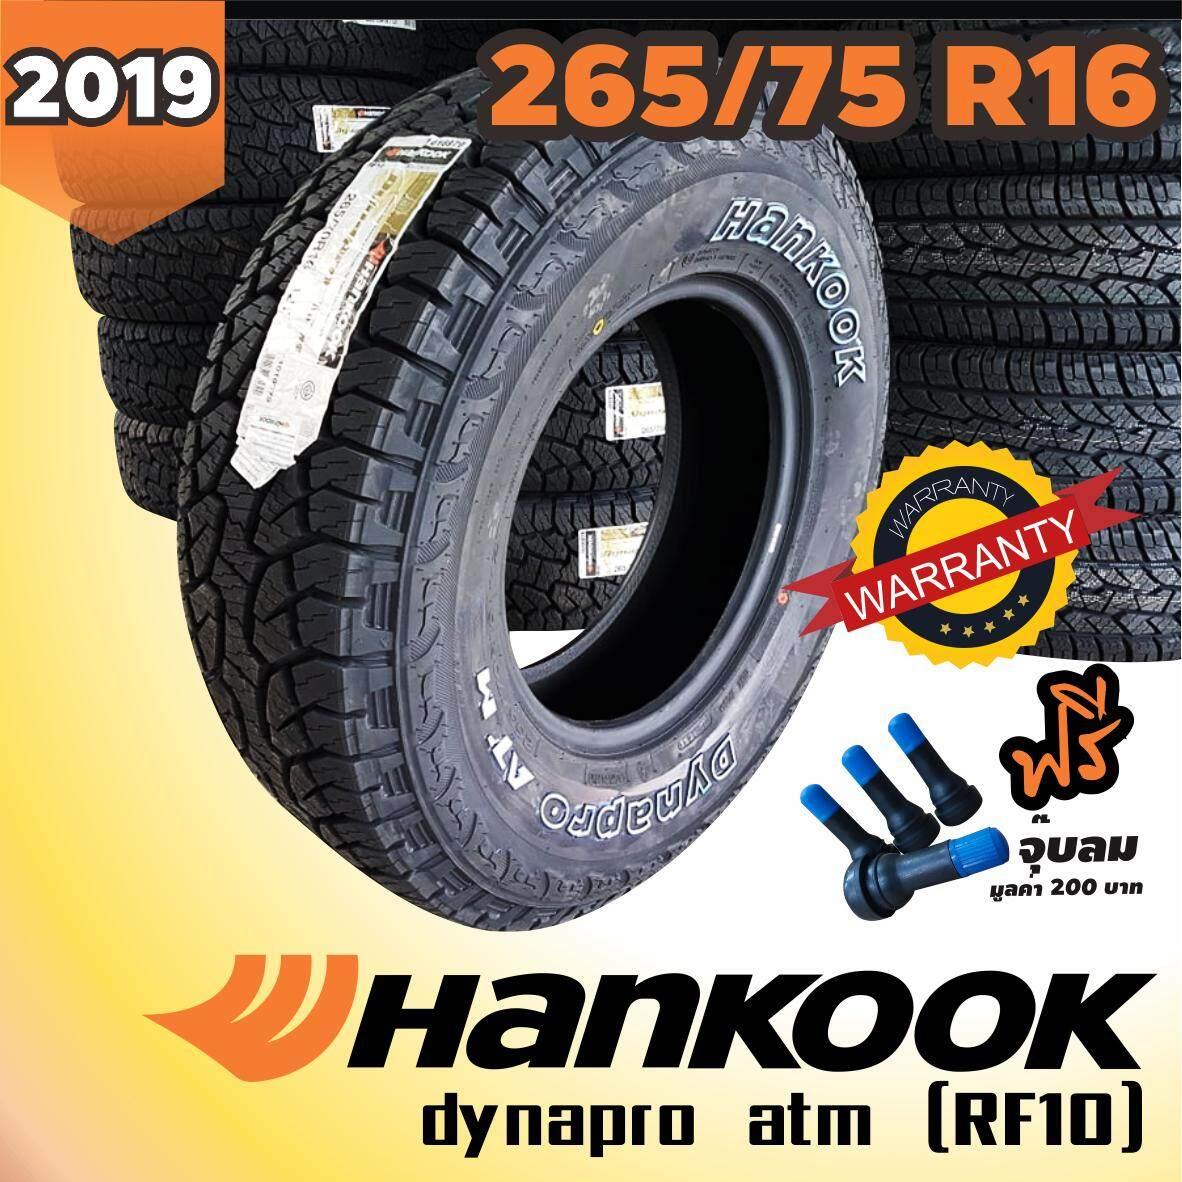 โปรโมชั่นพิเศษ  โคราช [ยางใหม่ส่งฟรี] Hankook ATM (RF10) 265/75R16 ปี 19 (ยางแฮนคุก 1ชุด/4เส้น)